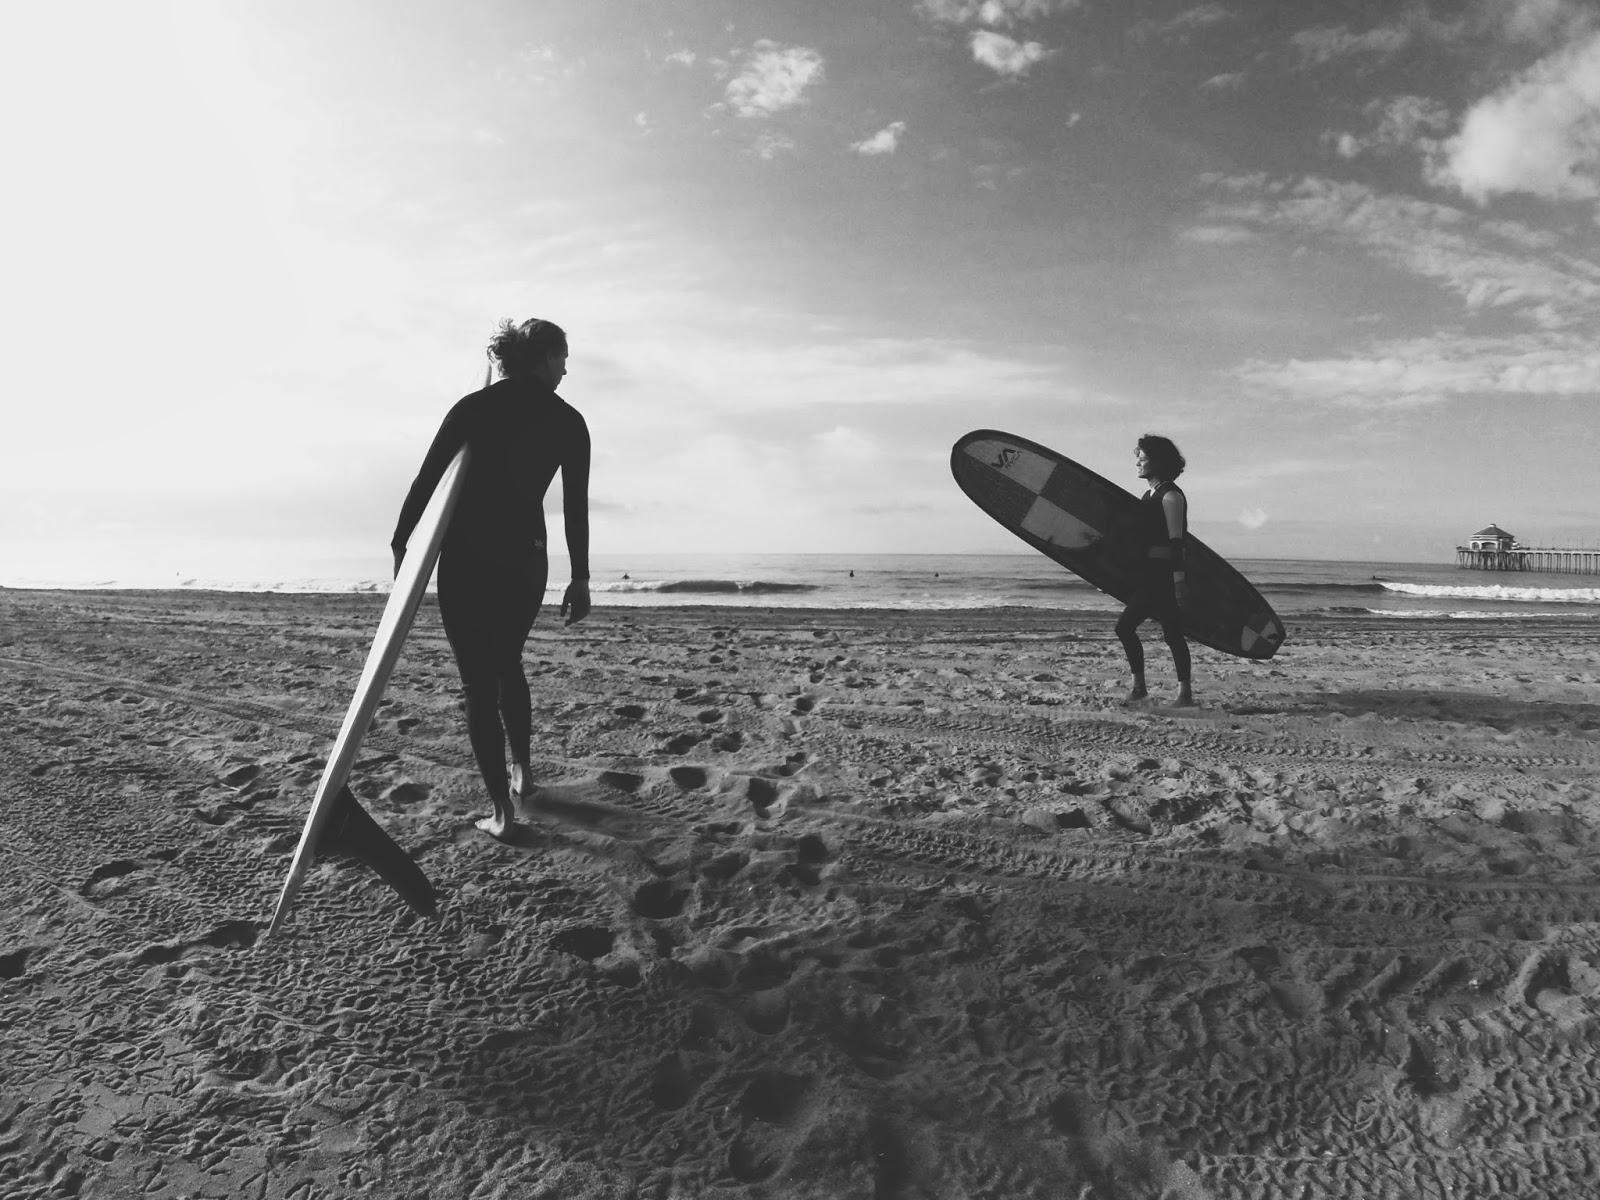 Rvca Surf Wallpaper Rvca Surf Wallp...